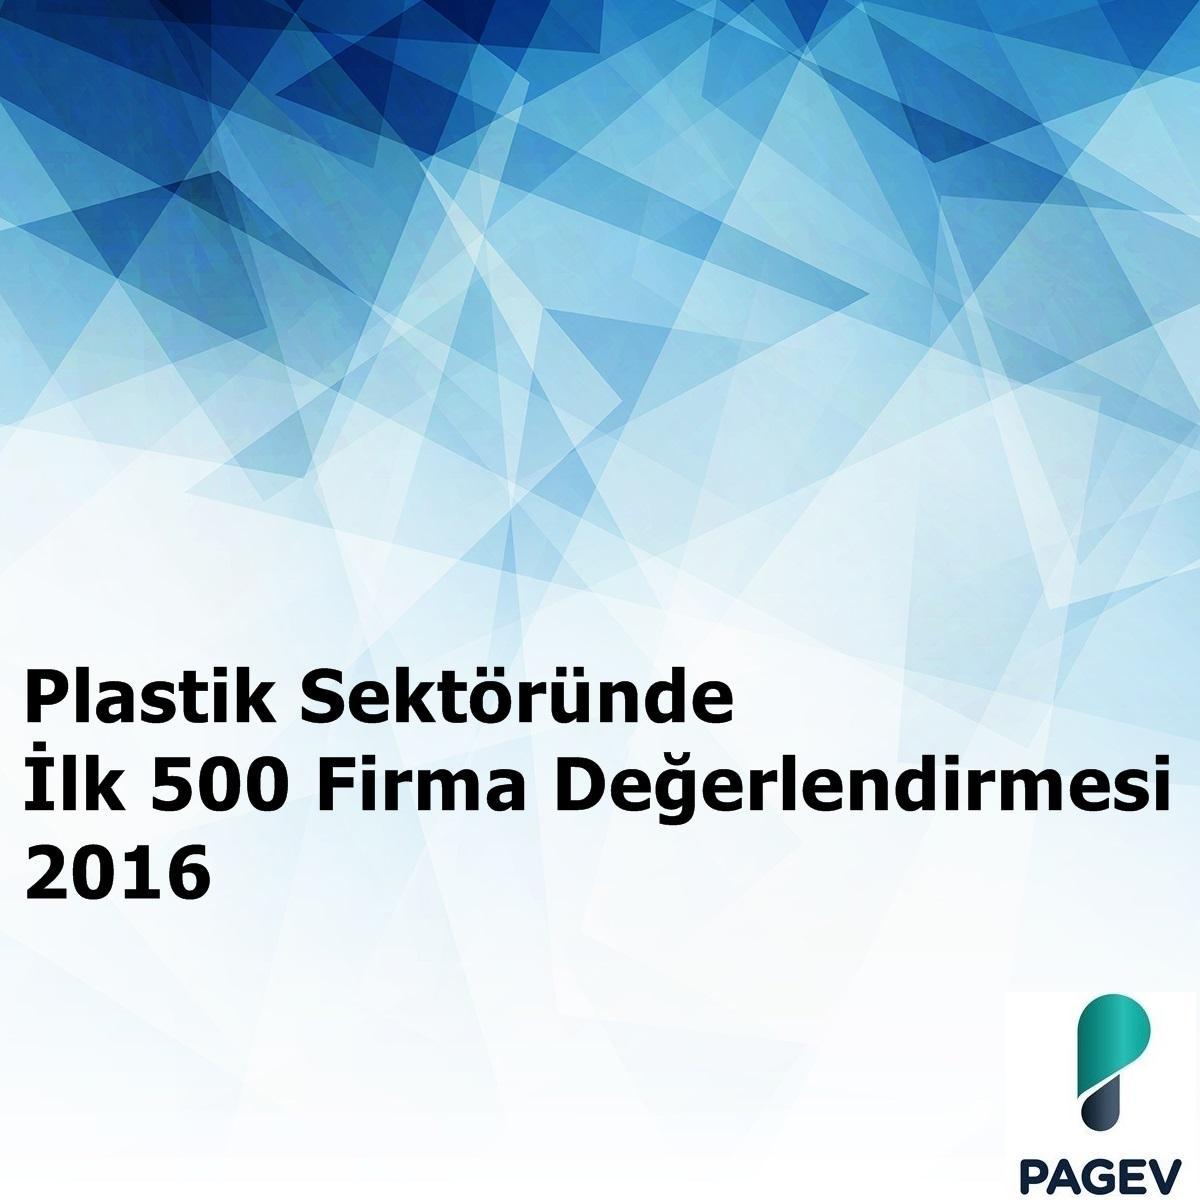 Plastik Sektöründe İlk500 Firma Değerlendirmesi - 2016